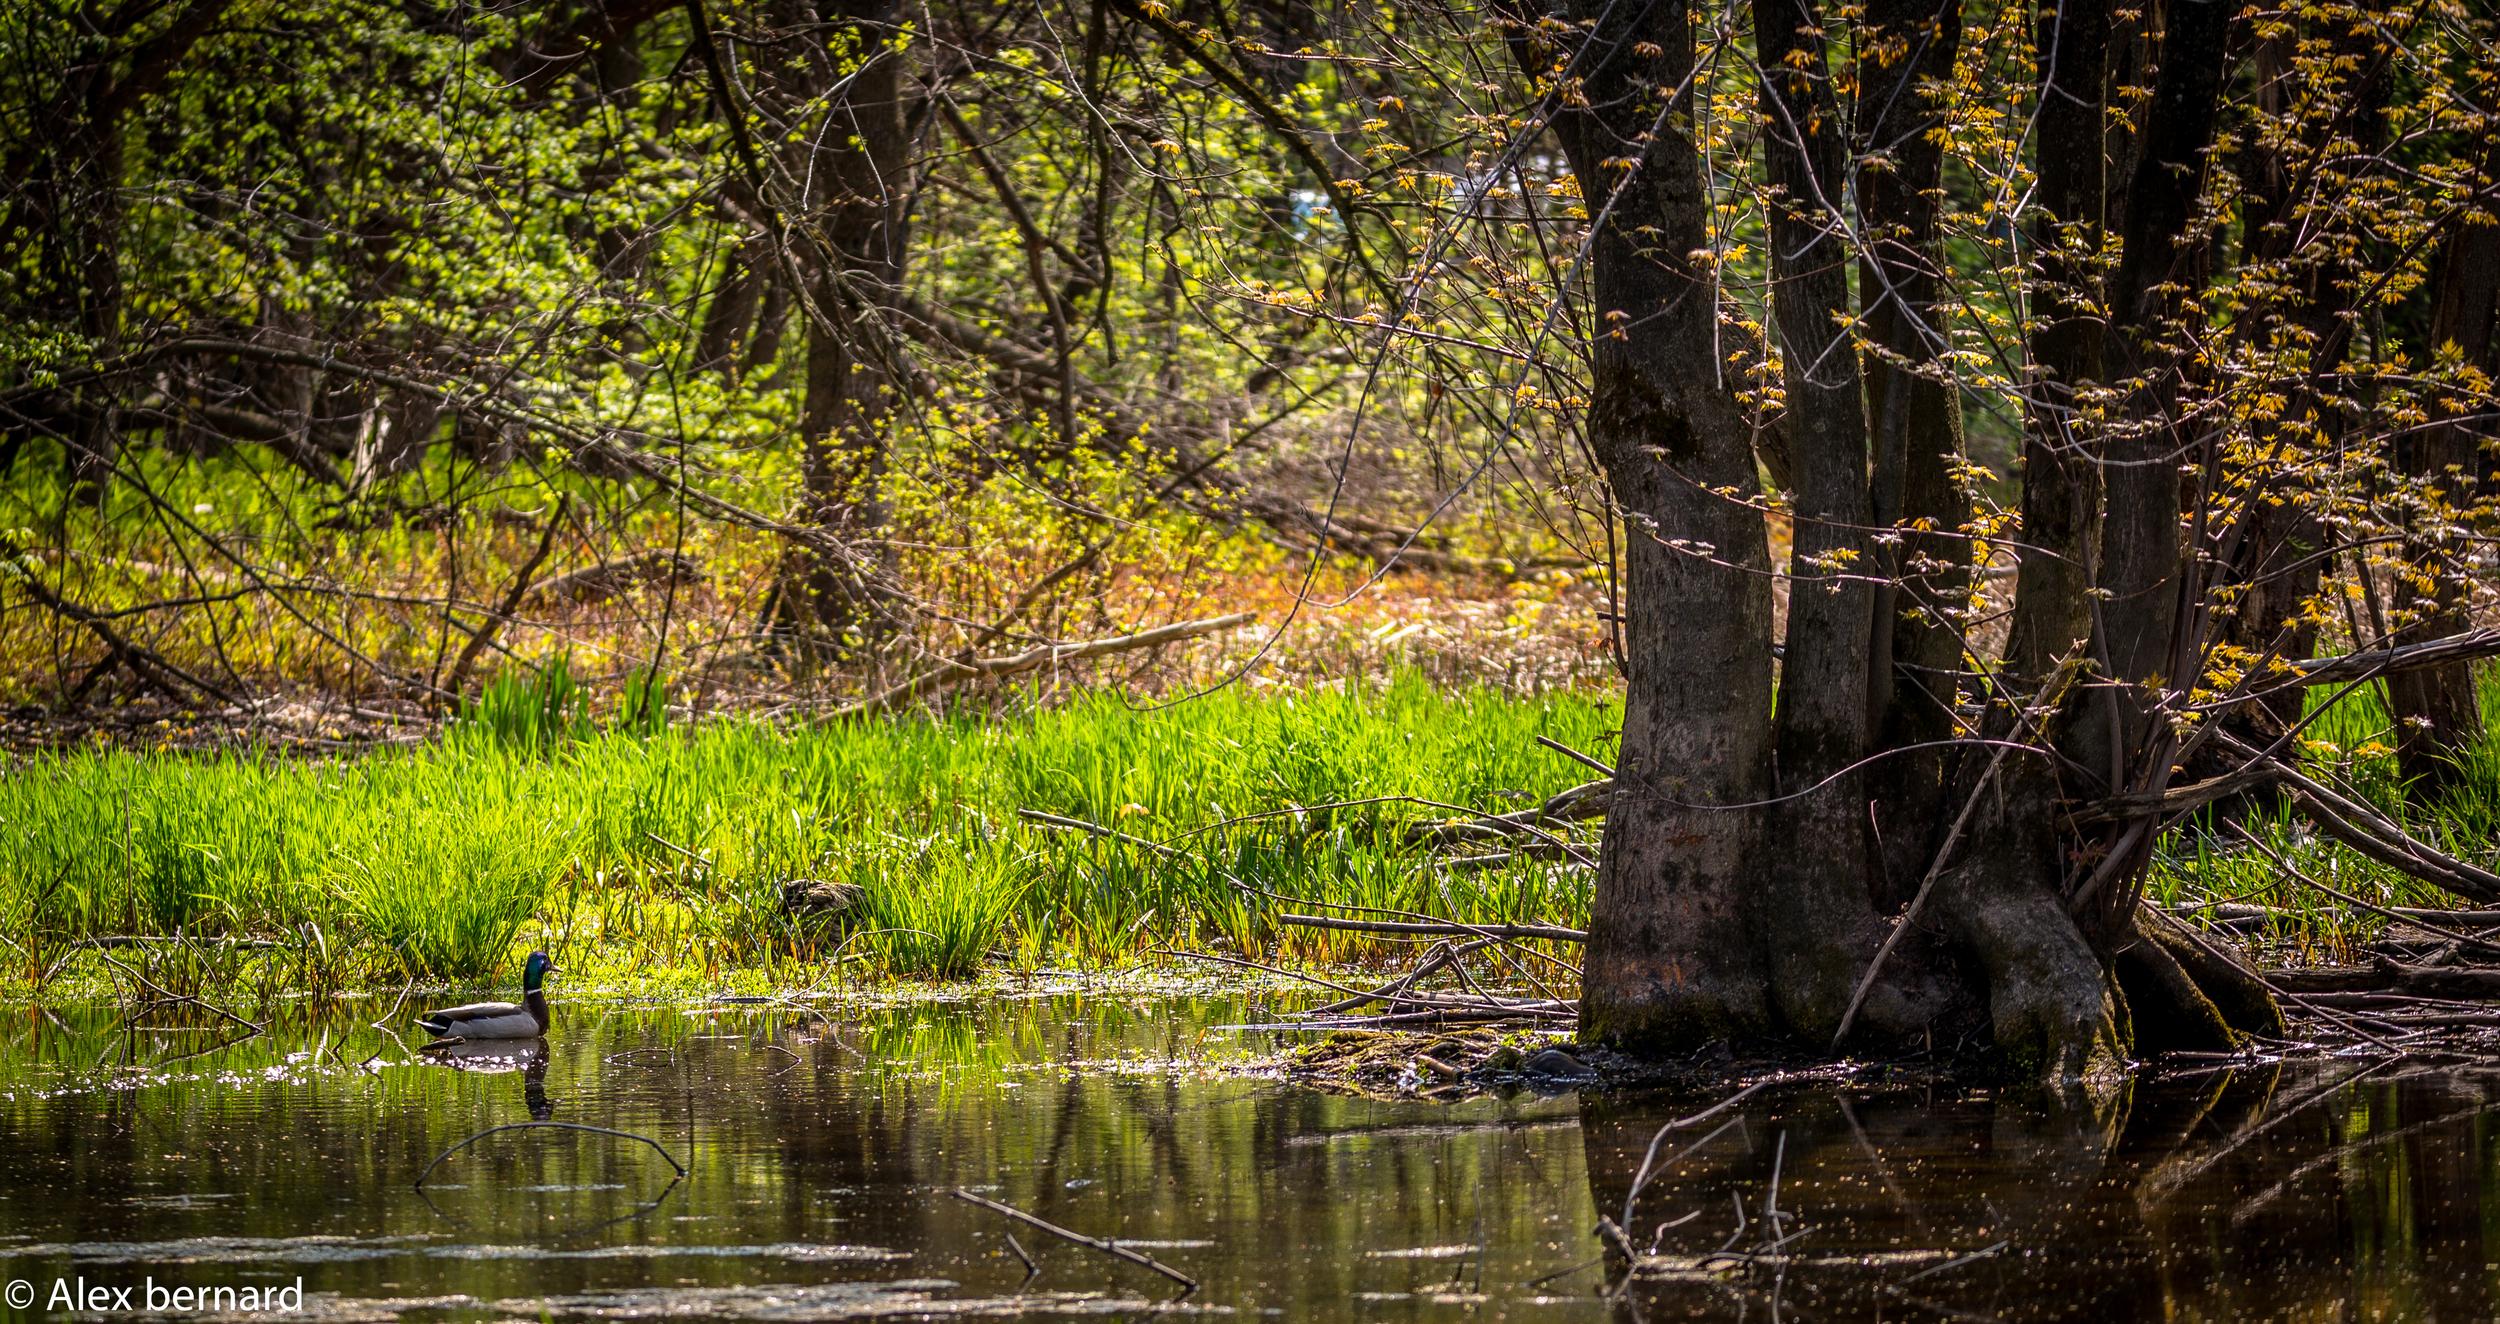 Comme vous pouvez le constater, une bonne partie de la halte routière d'#Otterburnpark se trouve en zone inondable. J'ai d'ailleurs appris à mes dépens en voulant prendre une photo le plus bas possible que même si le sol semble sec, il est gorgé d'eau. Heureusement, j'avais des shorts foncés qui ont absorbé le liquide sans que ça paresse trop. Tout ça pour dire qu'on retrouve un étang tout juste à côté de la rivière #Richelieu pour le plus grand plaisir de ce mâle #colvert.